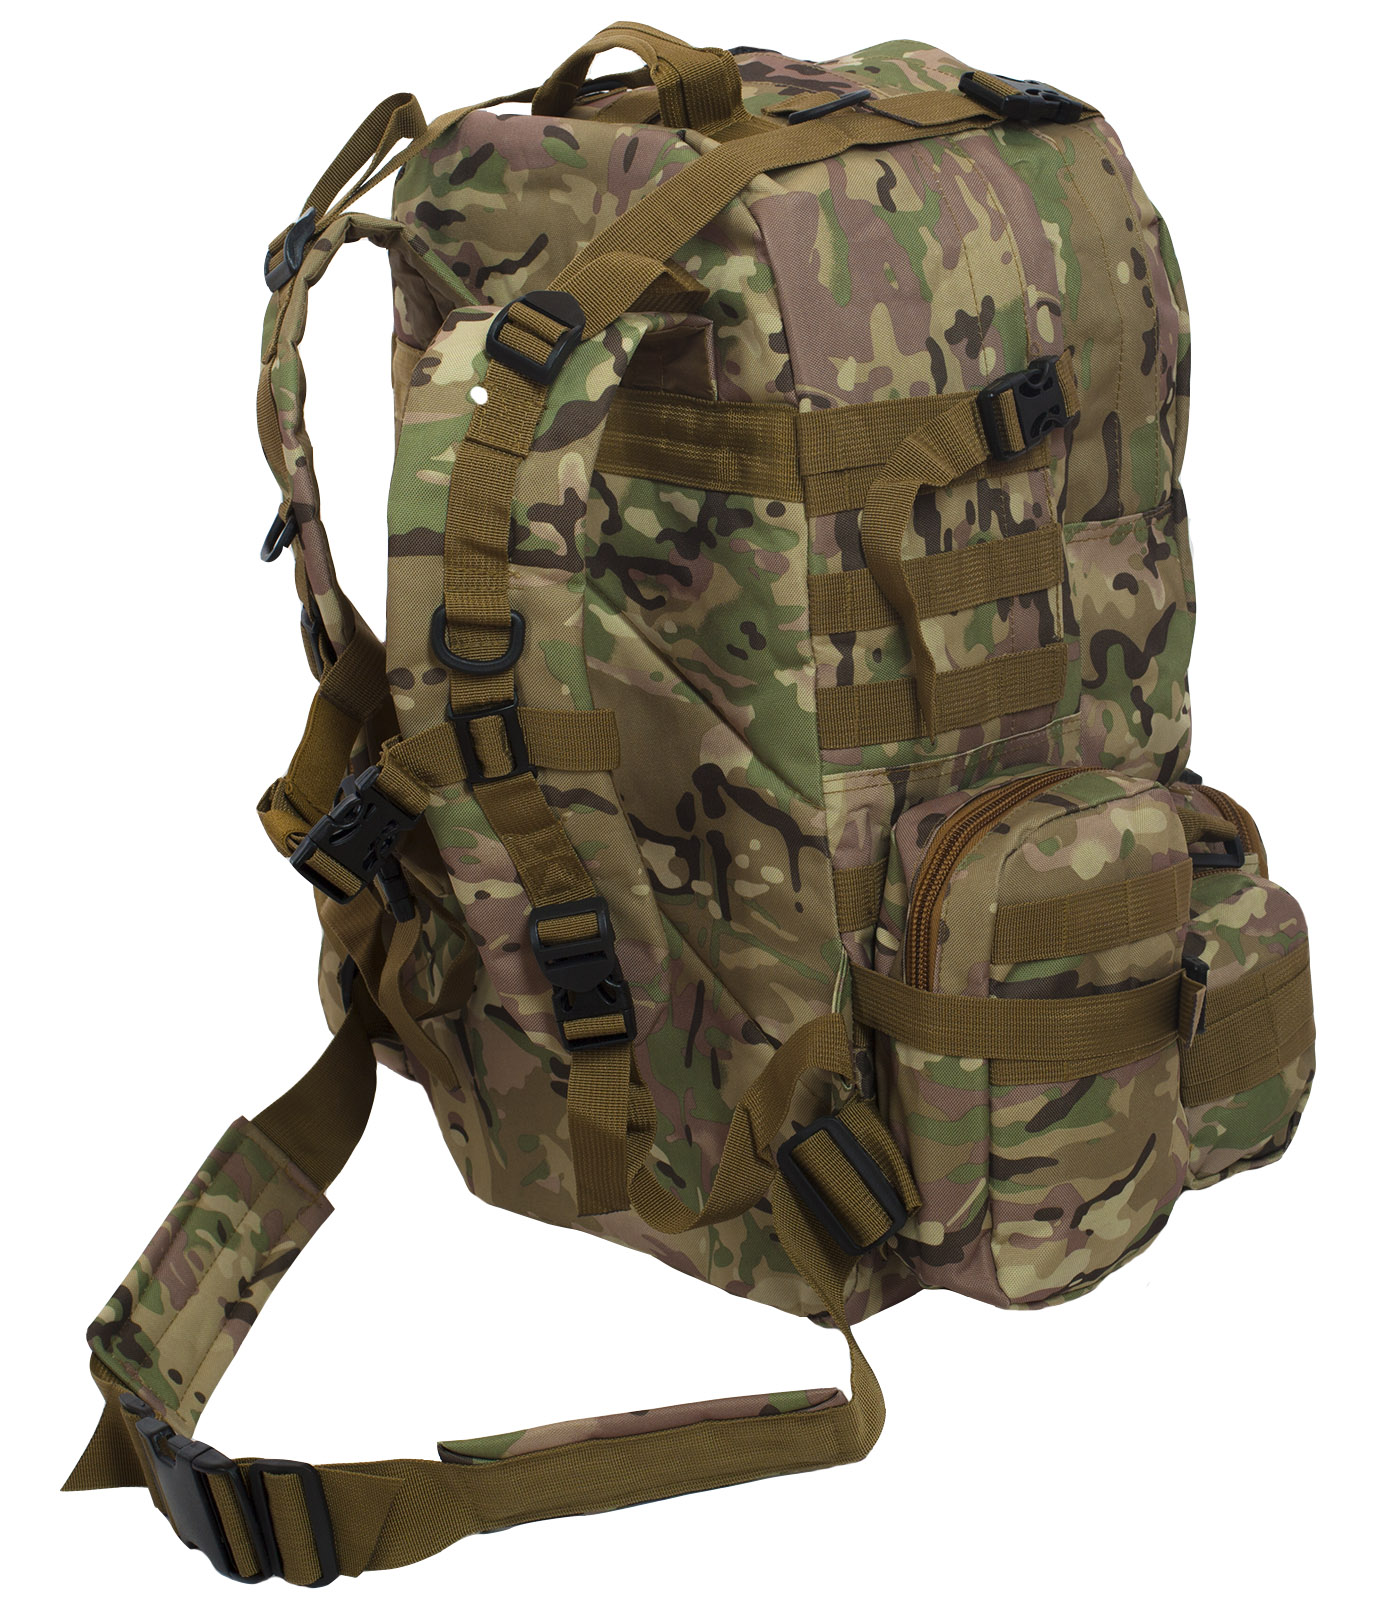 Функциональный армейский рюкзак с нашивкой Танковые Войска - заказать в Военпро